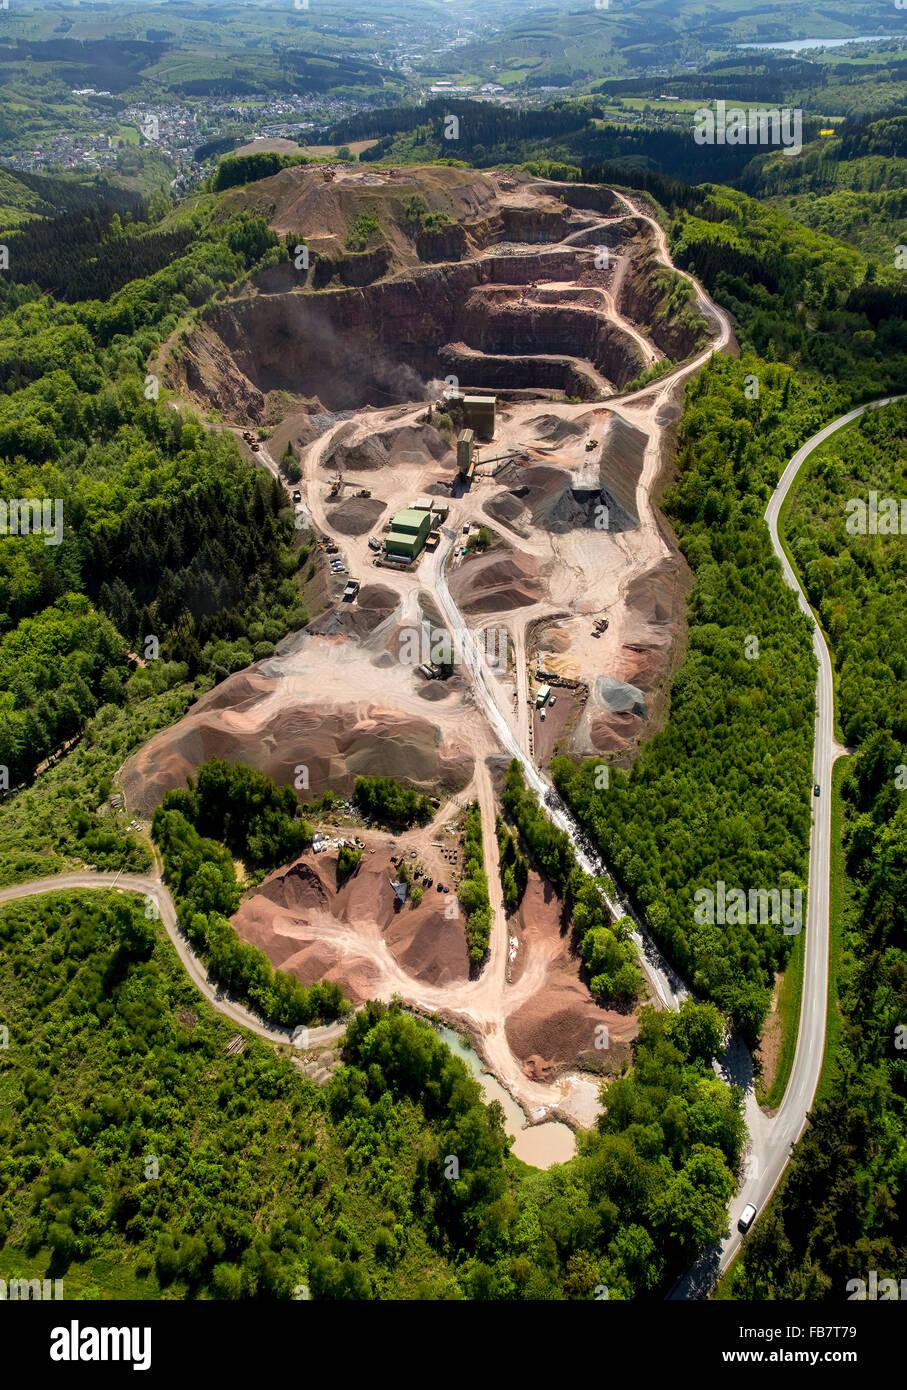 Luftbild, Steinbruch, Landschaftsverbrauch, Kalkstein Bergbau im nördlichen Sauerland, Steinbruch Operationen Stockbild